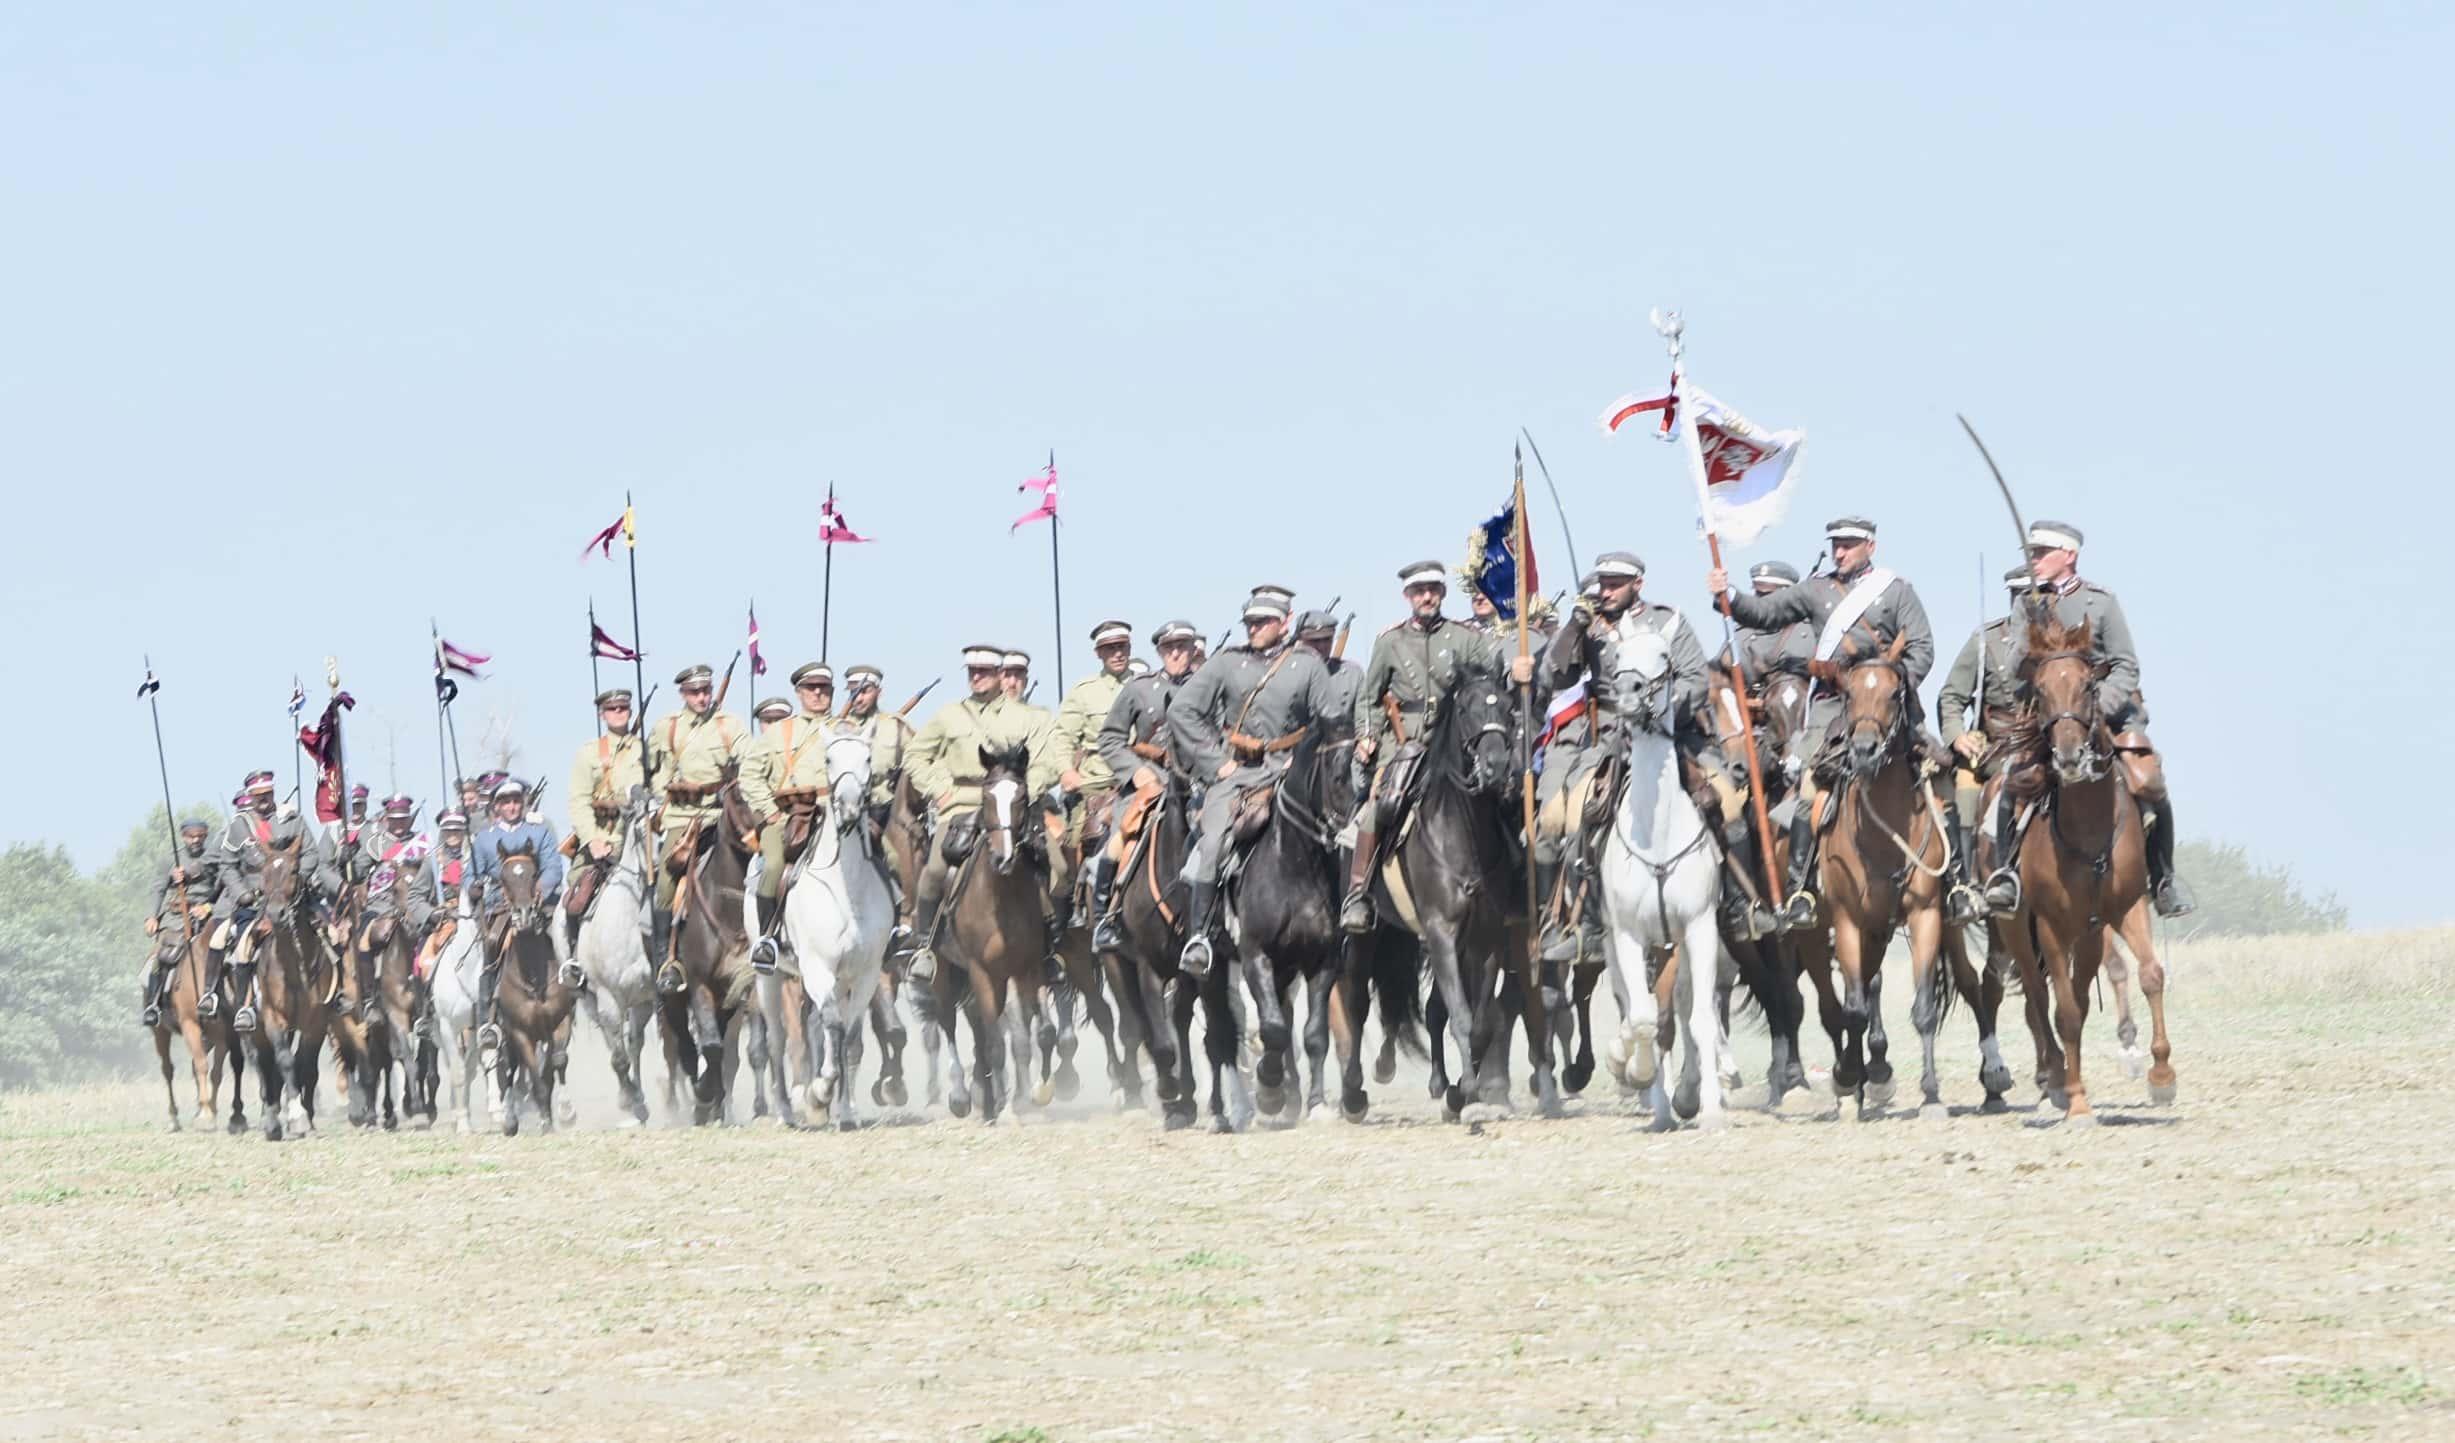 dsc 0627 Czas szabli - 100 rocznica bitwy pod Komarowem(zdjęcia)